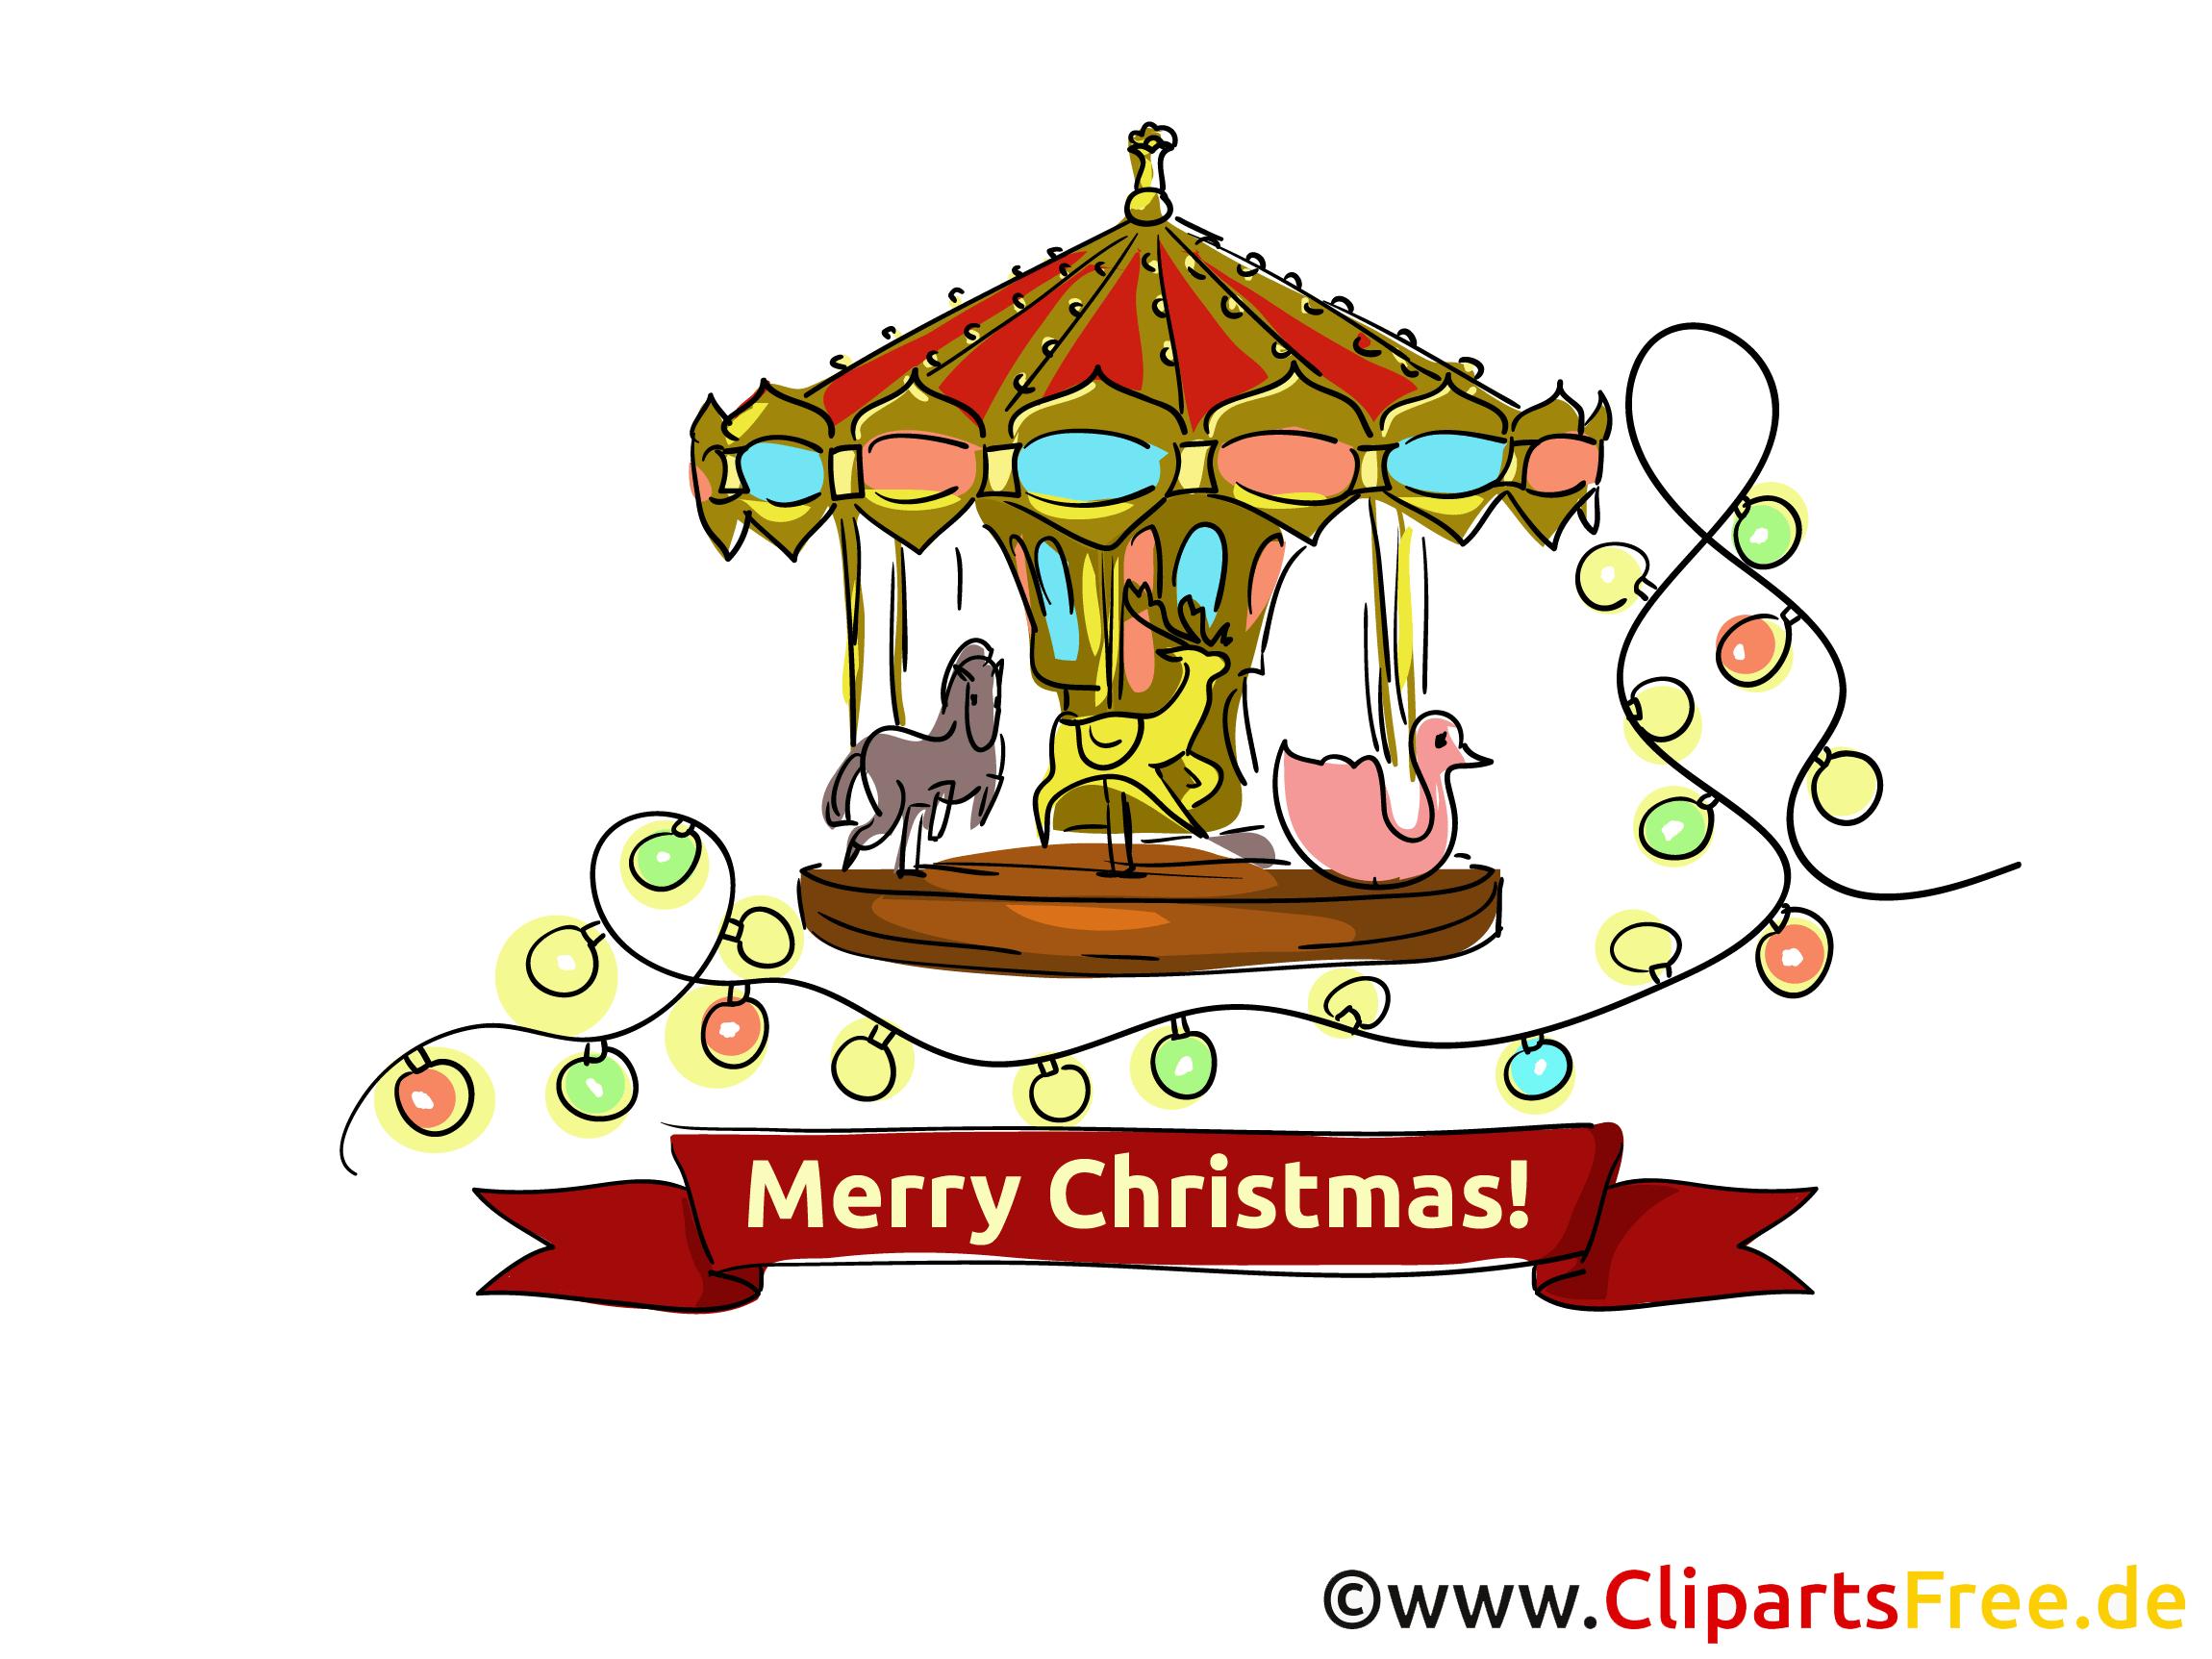 Weihnachtsmarkt Clipart, Grusskarte, eCard kostenlos.